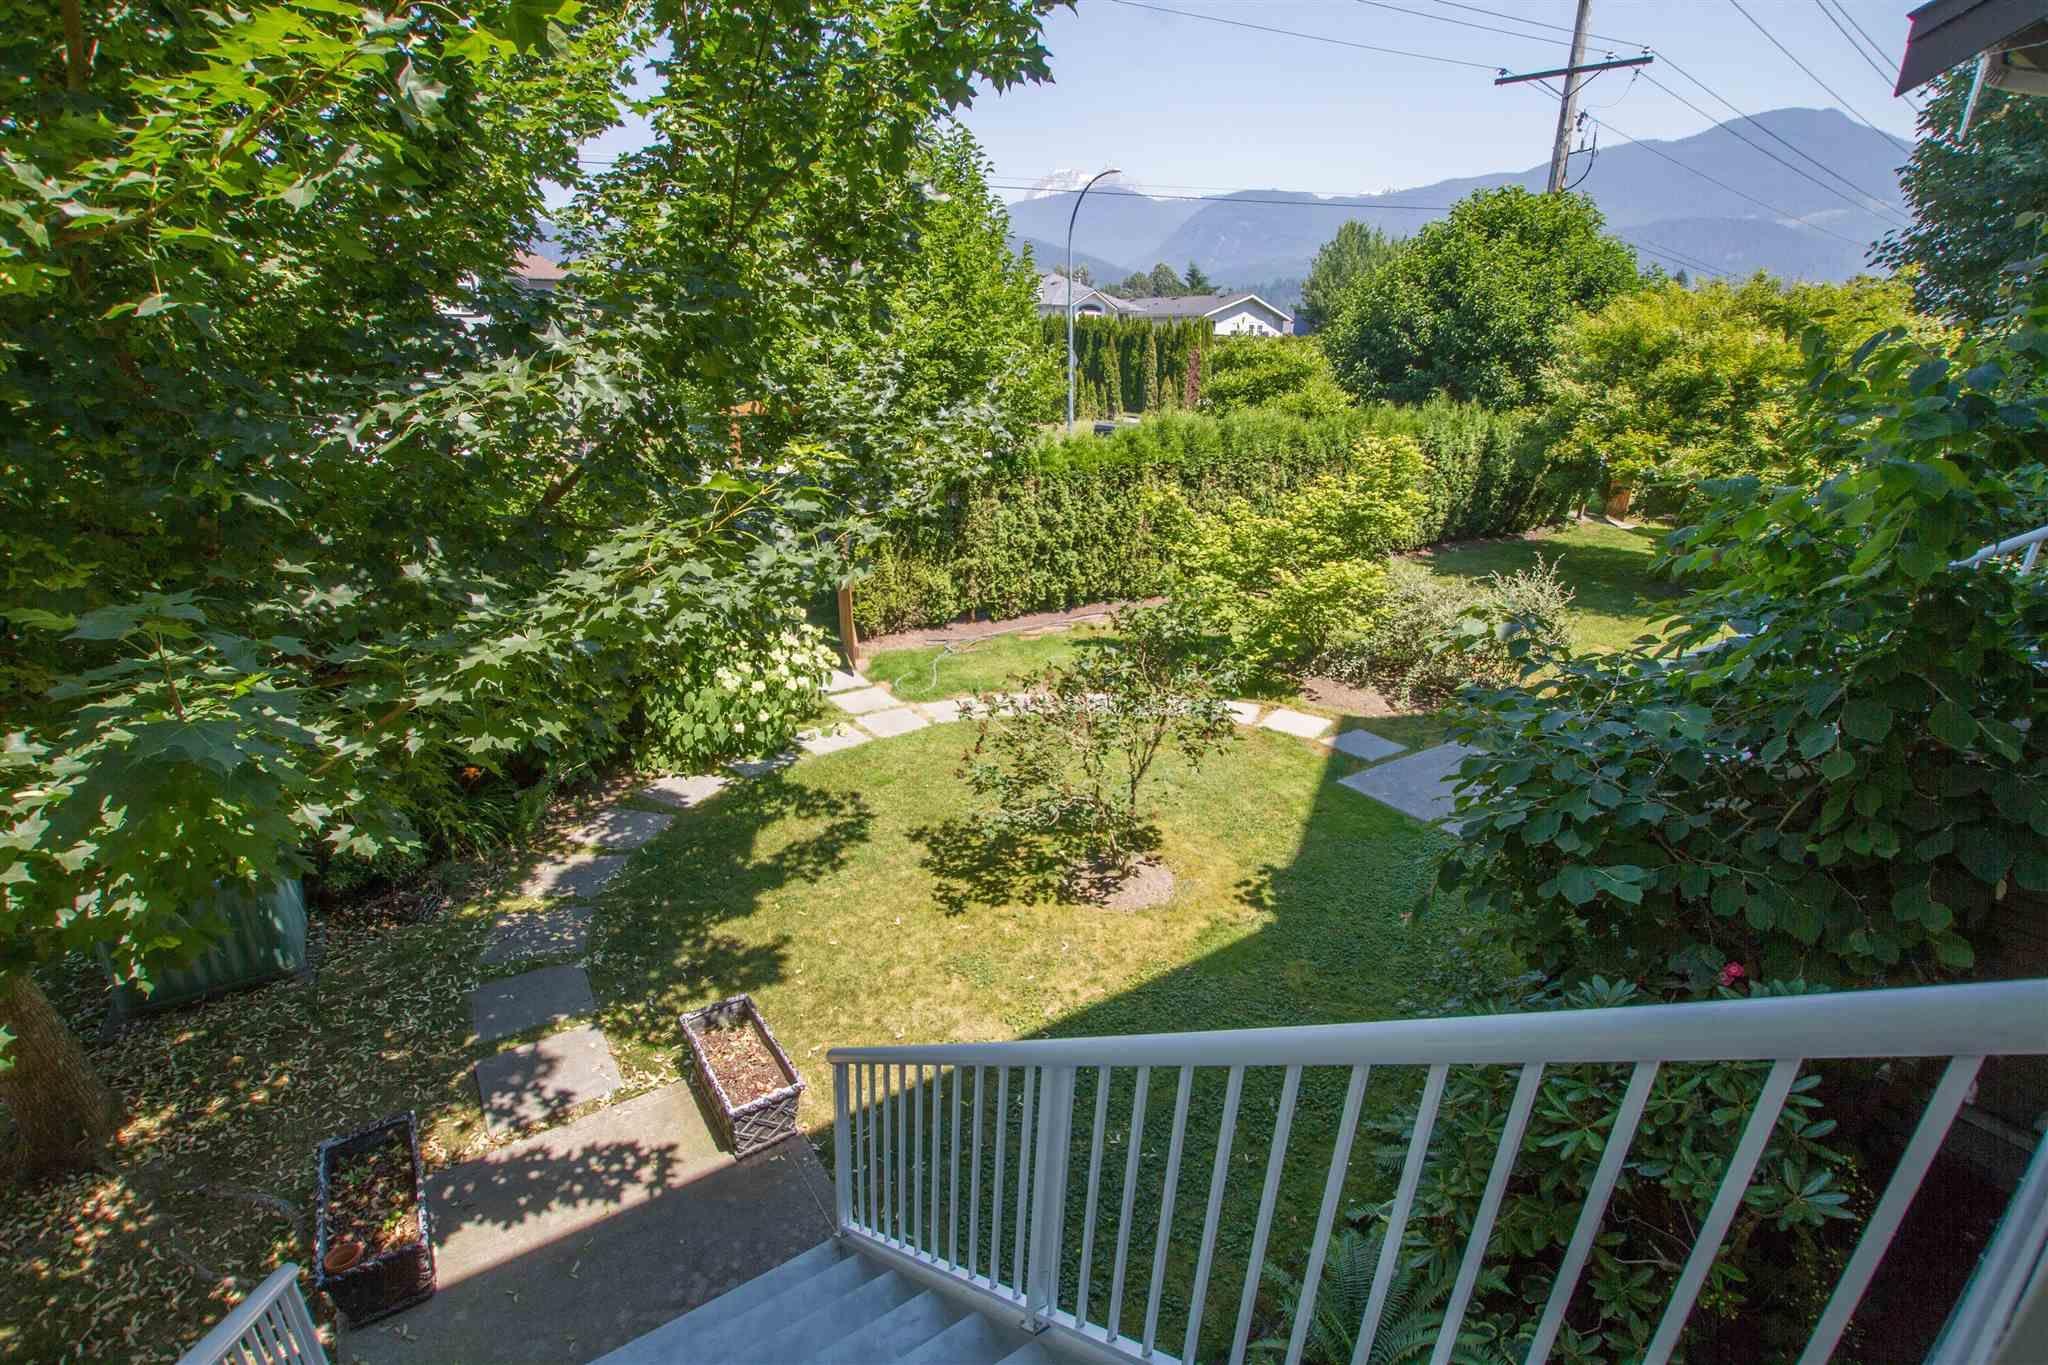 """Photo 5: Photos: 11 1800 MAMQUAM Road in Squamish: Garibaldi Estates Townhouse for sale in """"Virescence"""" : MLS®# R2597844"""